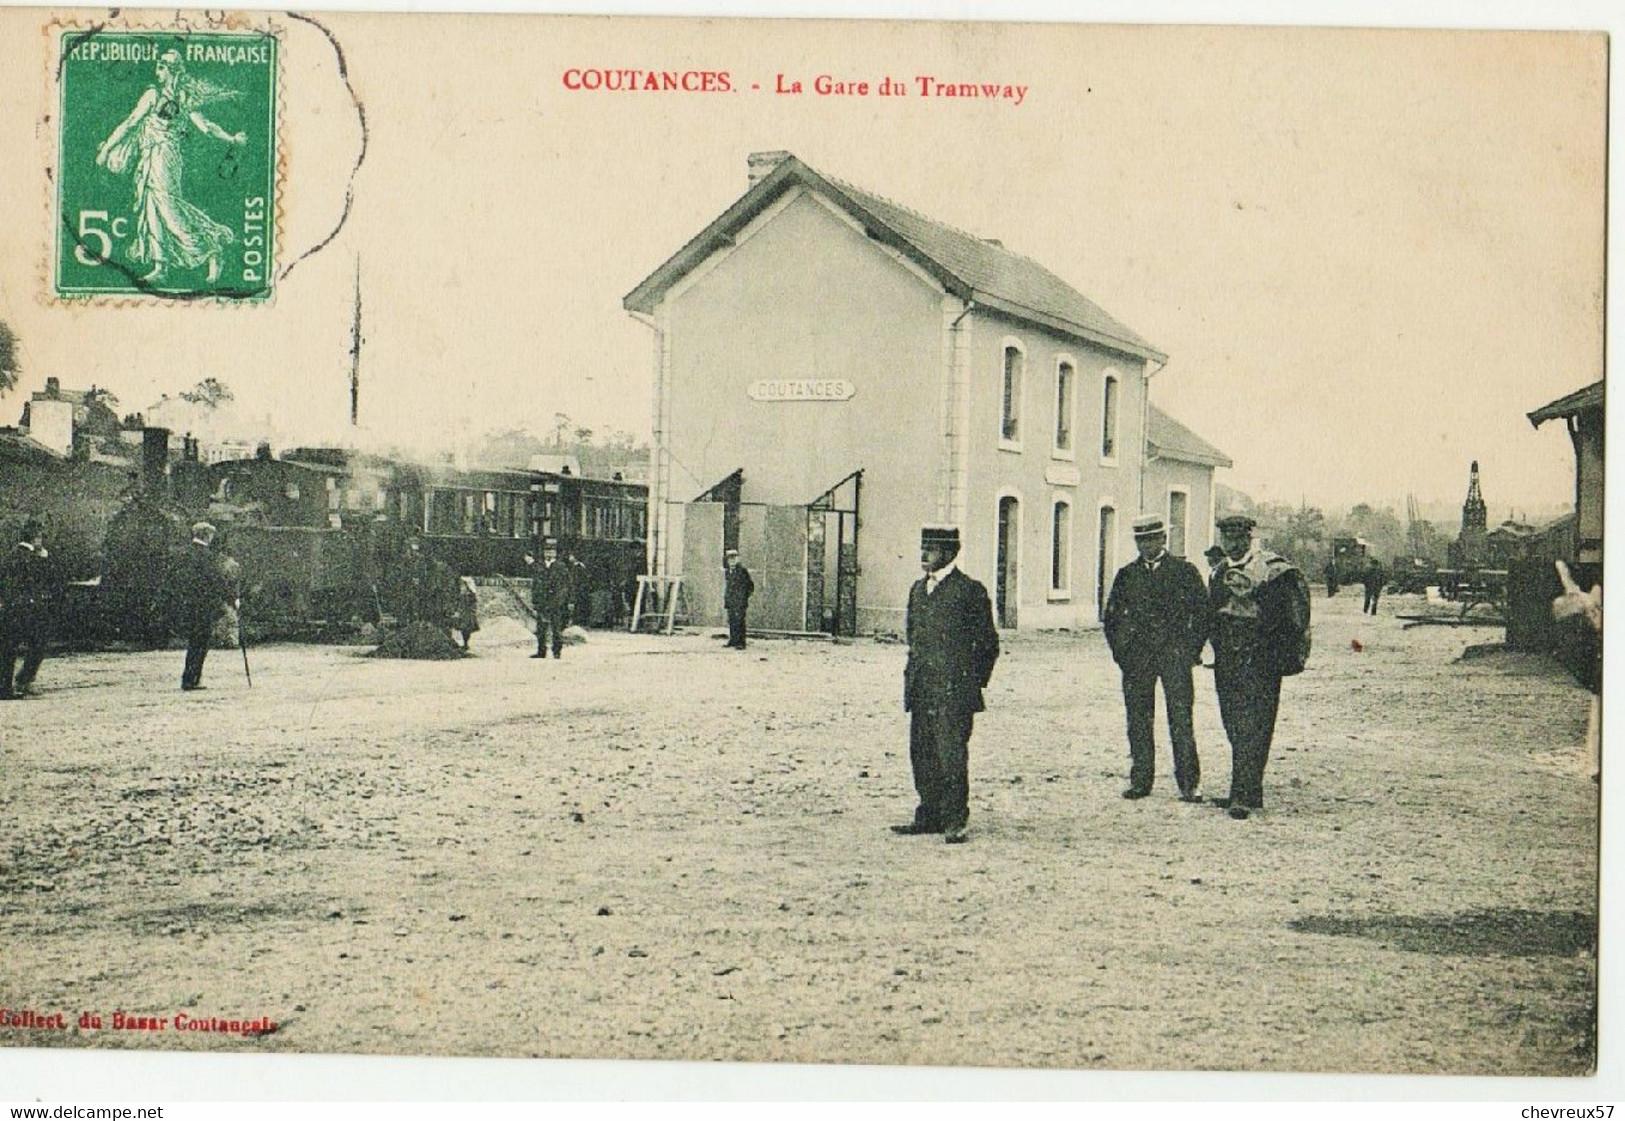 COUTANCES. - La Gare Du Tramway - Coutances